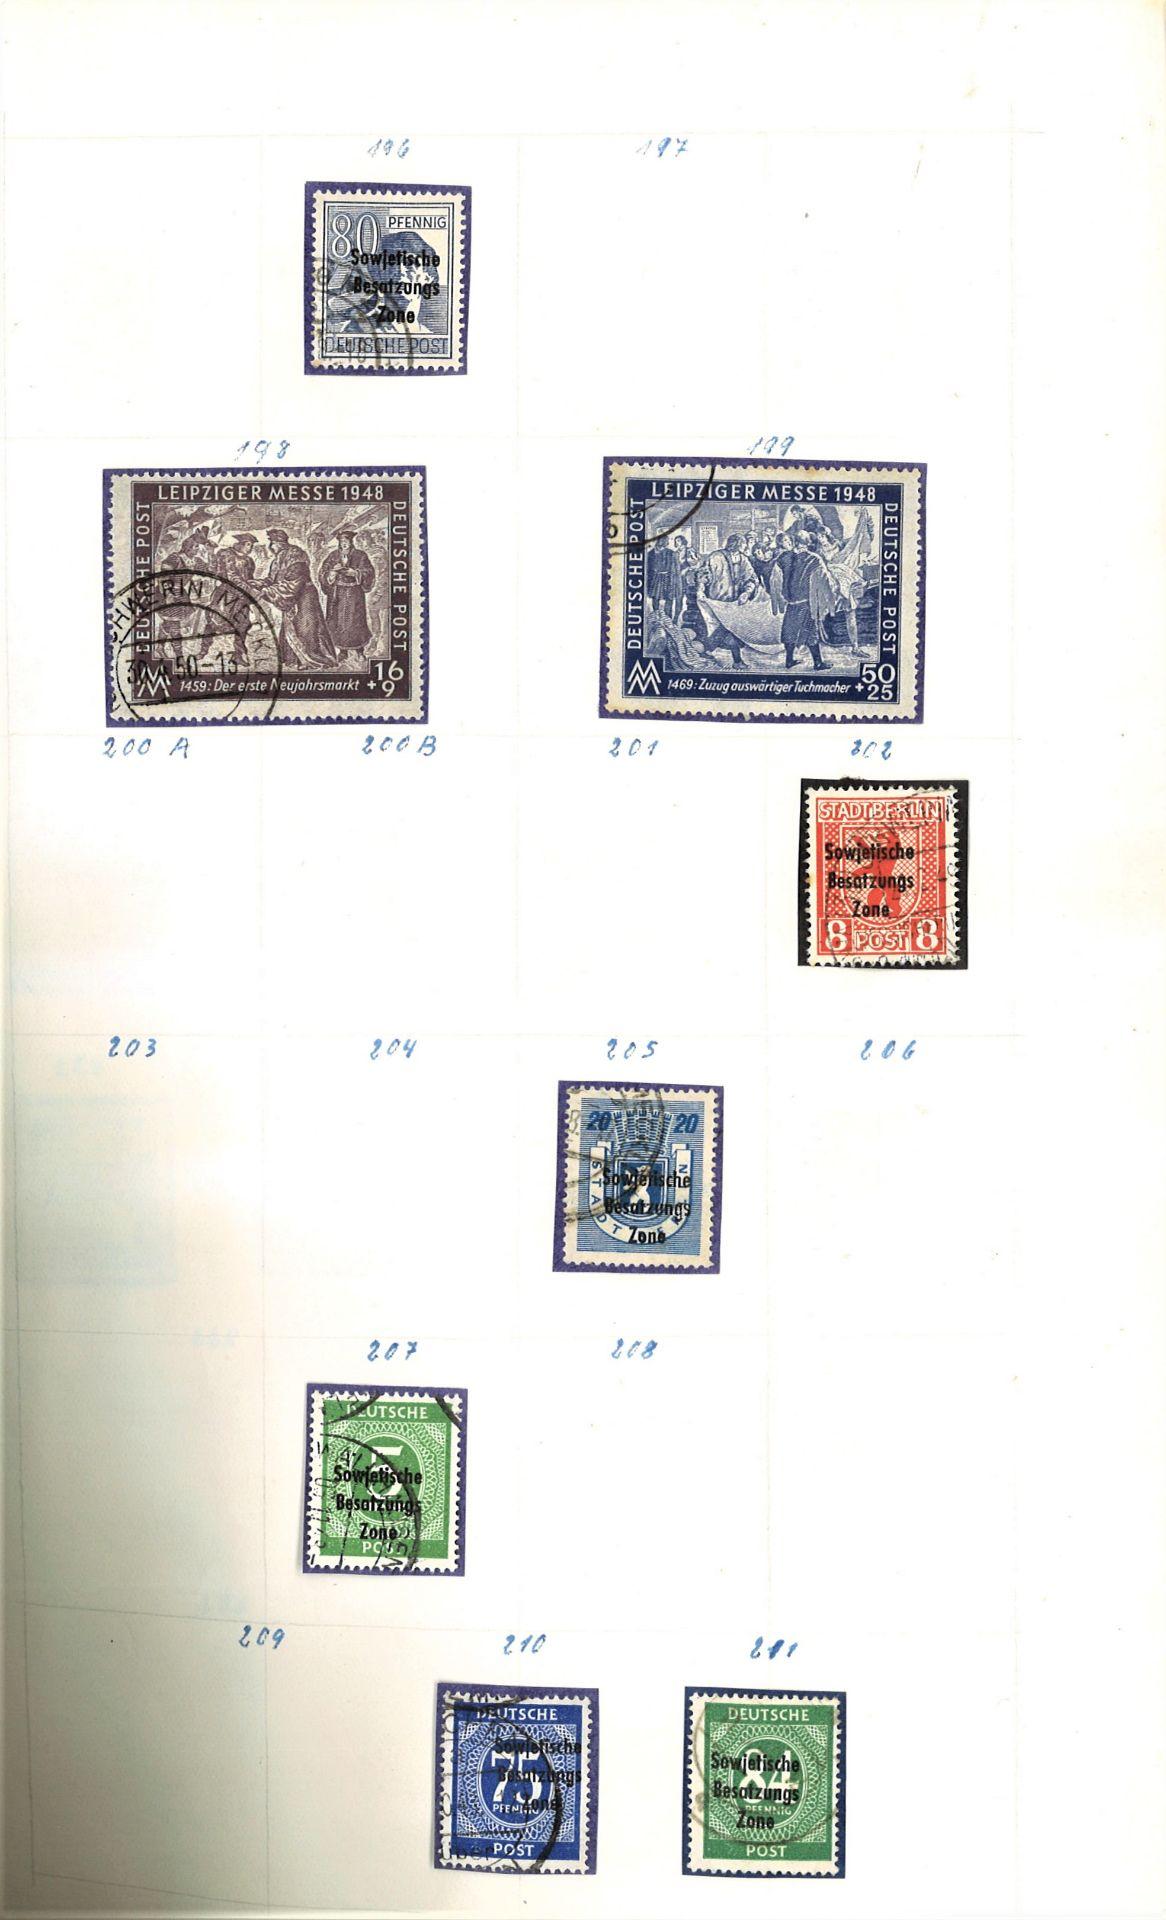 DDR Teilsammlung, gestempelt ab Anfänge bis 1969. - Image 4 of 8